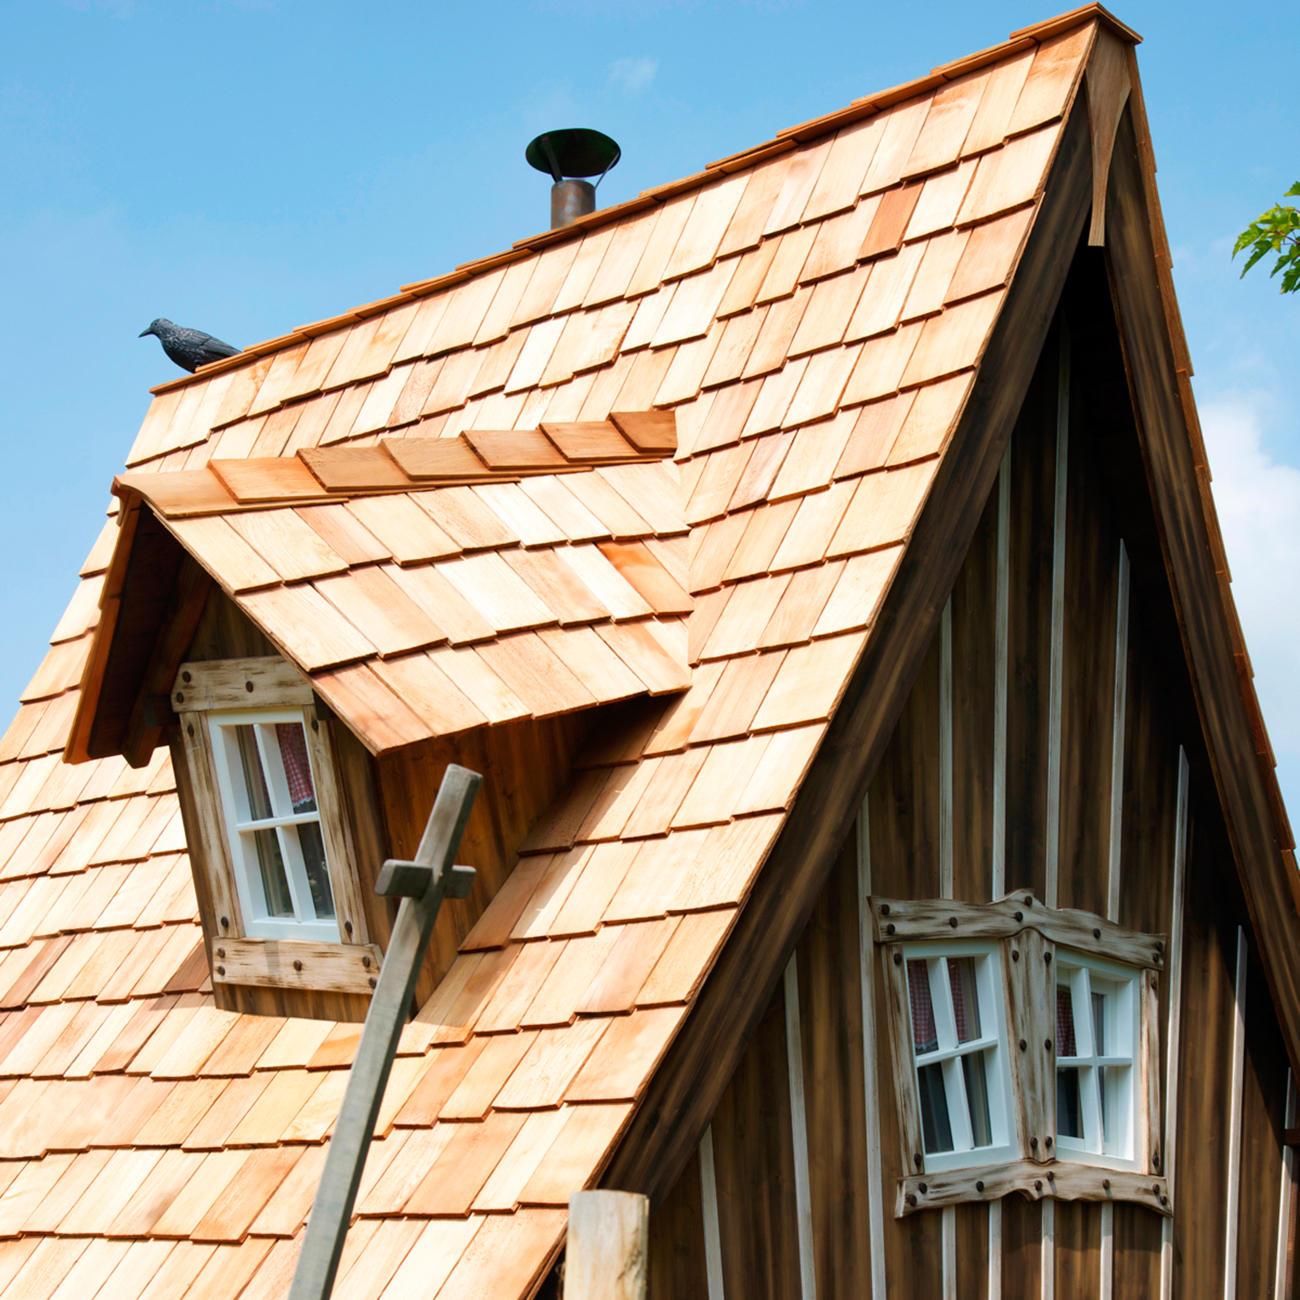 Gartenhaus modell lieblingsplatz my blog - Lieblingsplatz gartenhaus ...